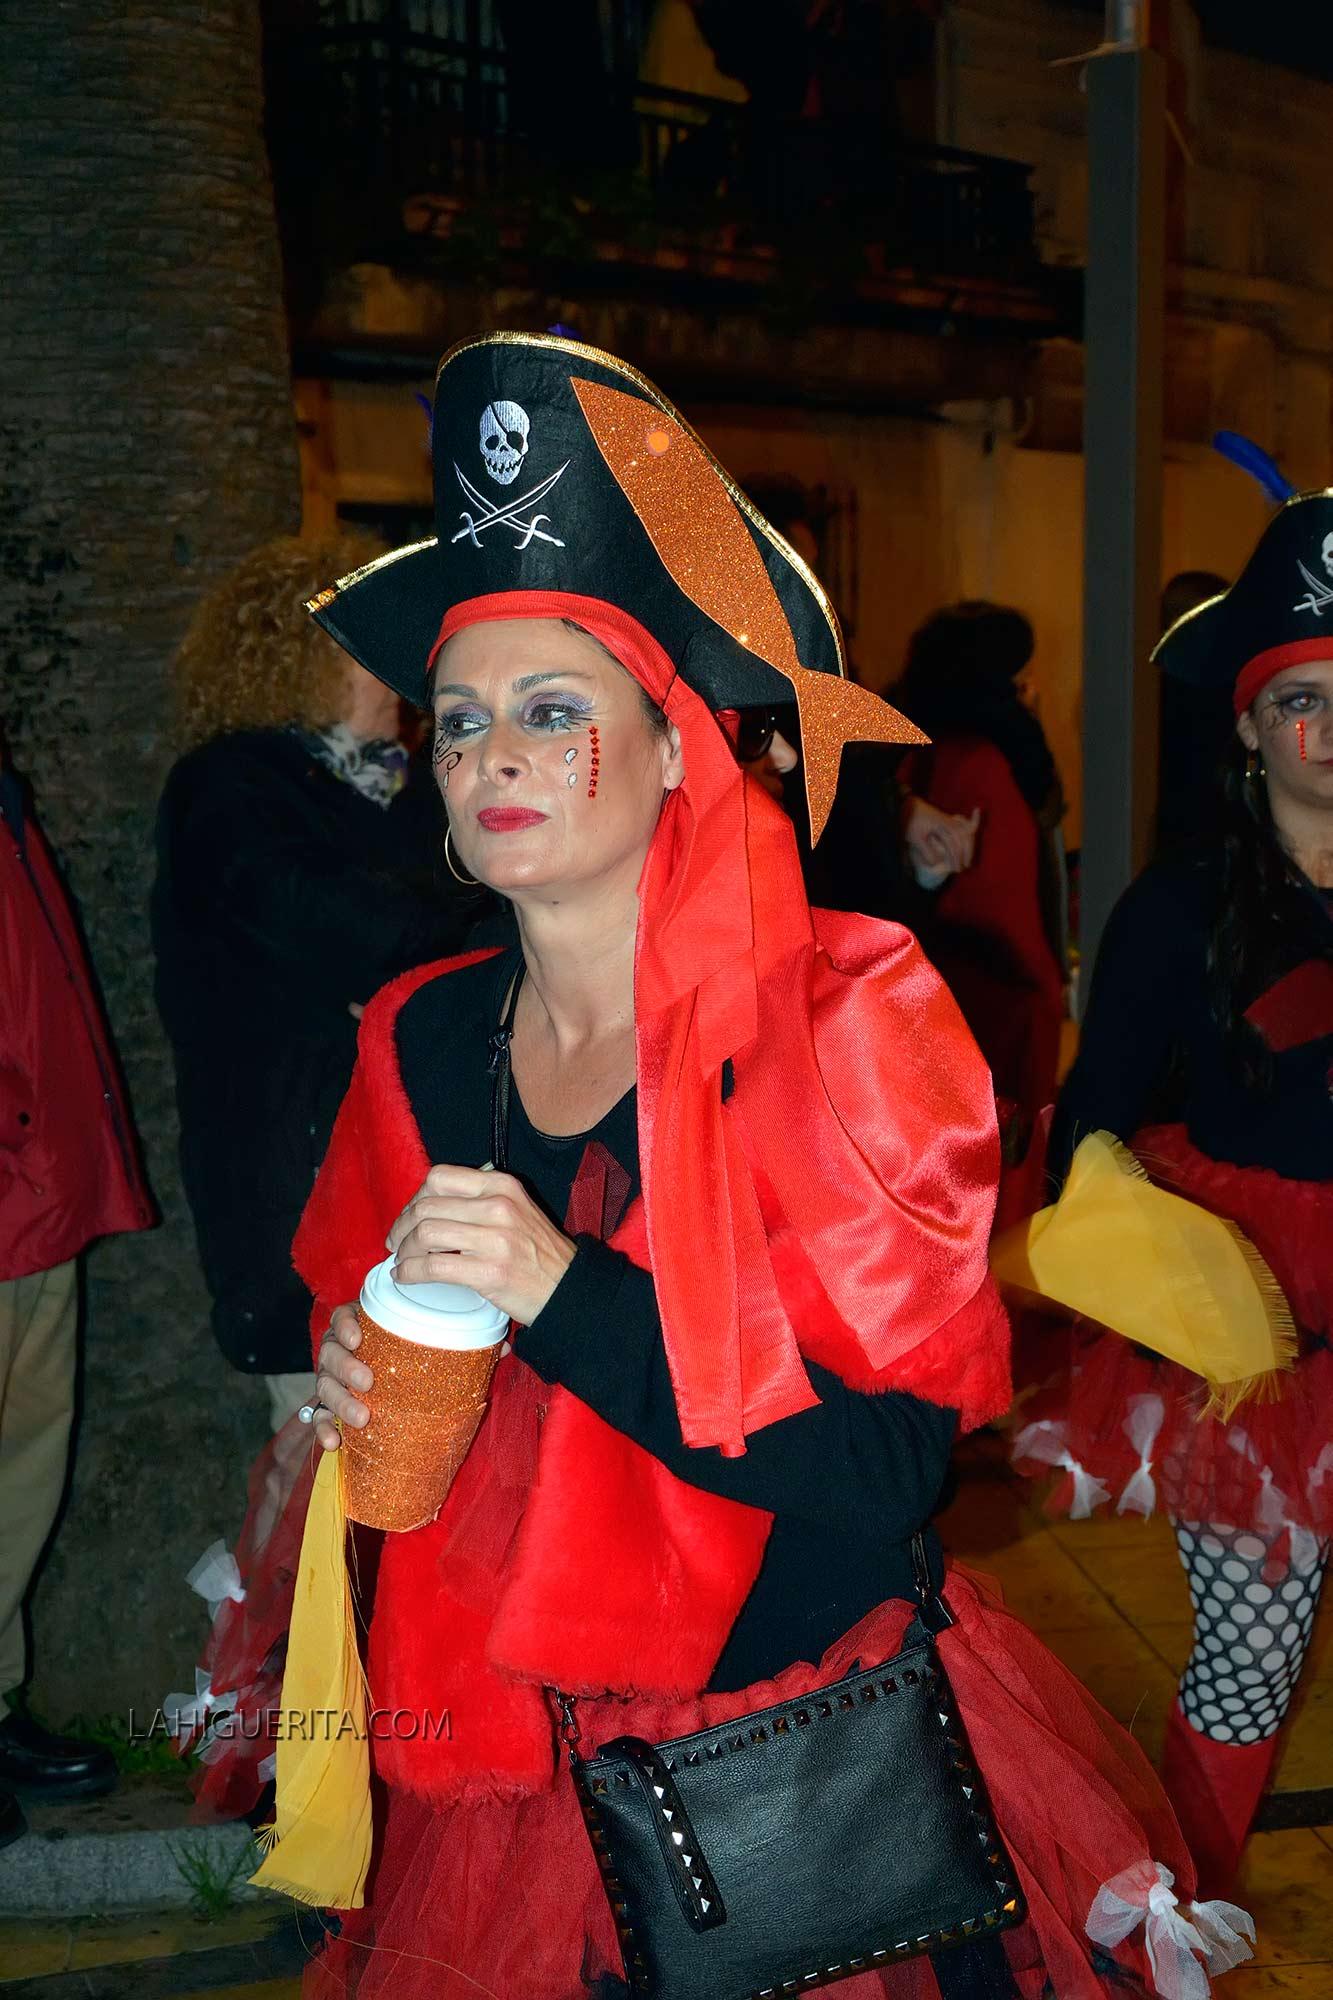 Entierro de la sardina carnaval isla cristina _DSC2256